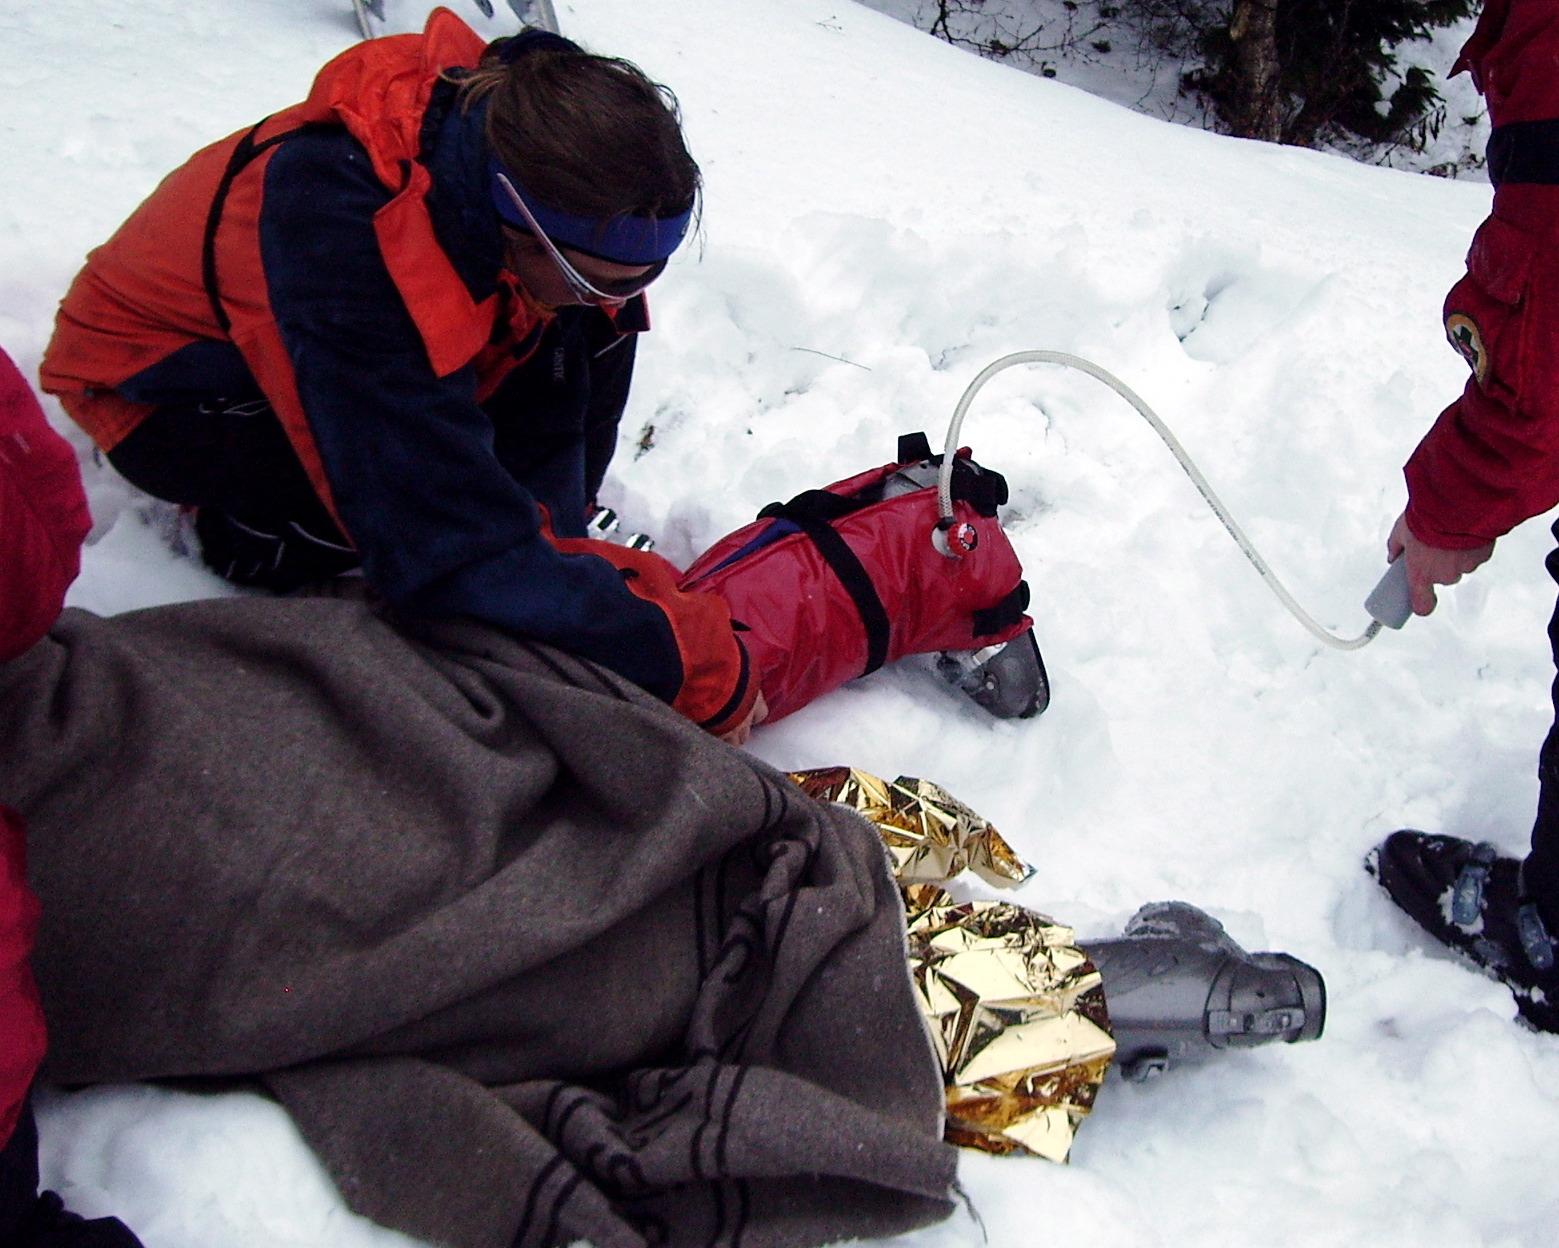 Coperte Termiche Oro Argento.Coperta Isotermica Wikipedia